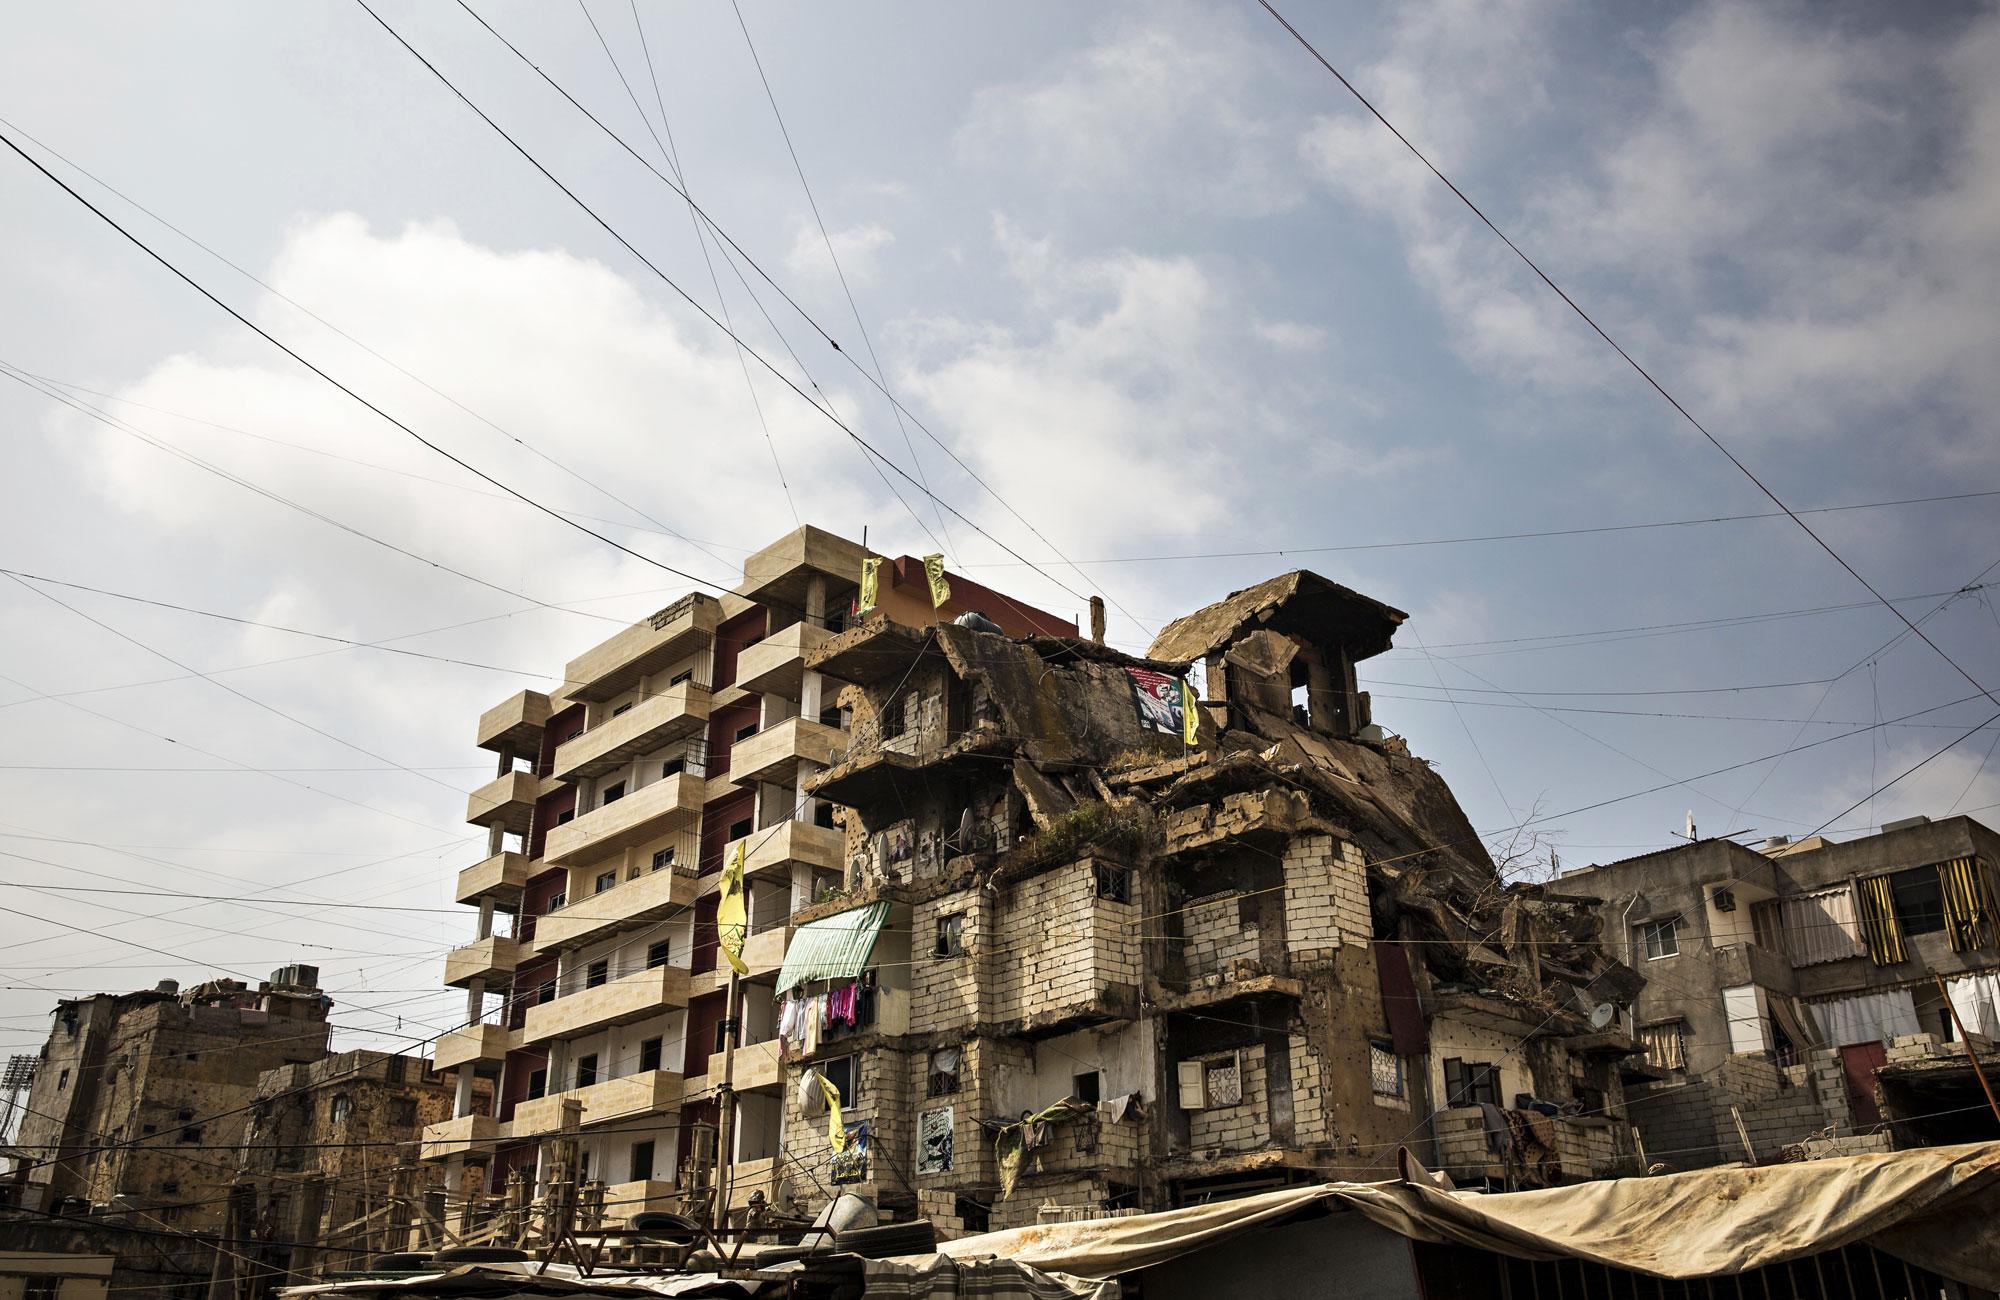 Perheiltä kiskotaan sadan euron kuukausivuokraa osittain romahtaneesta talosta.